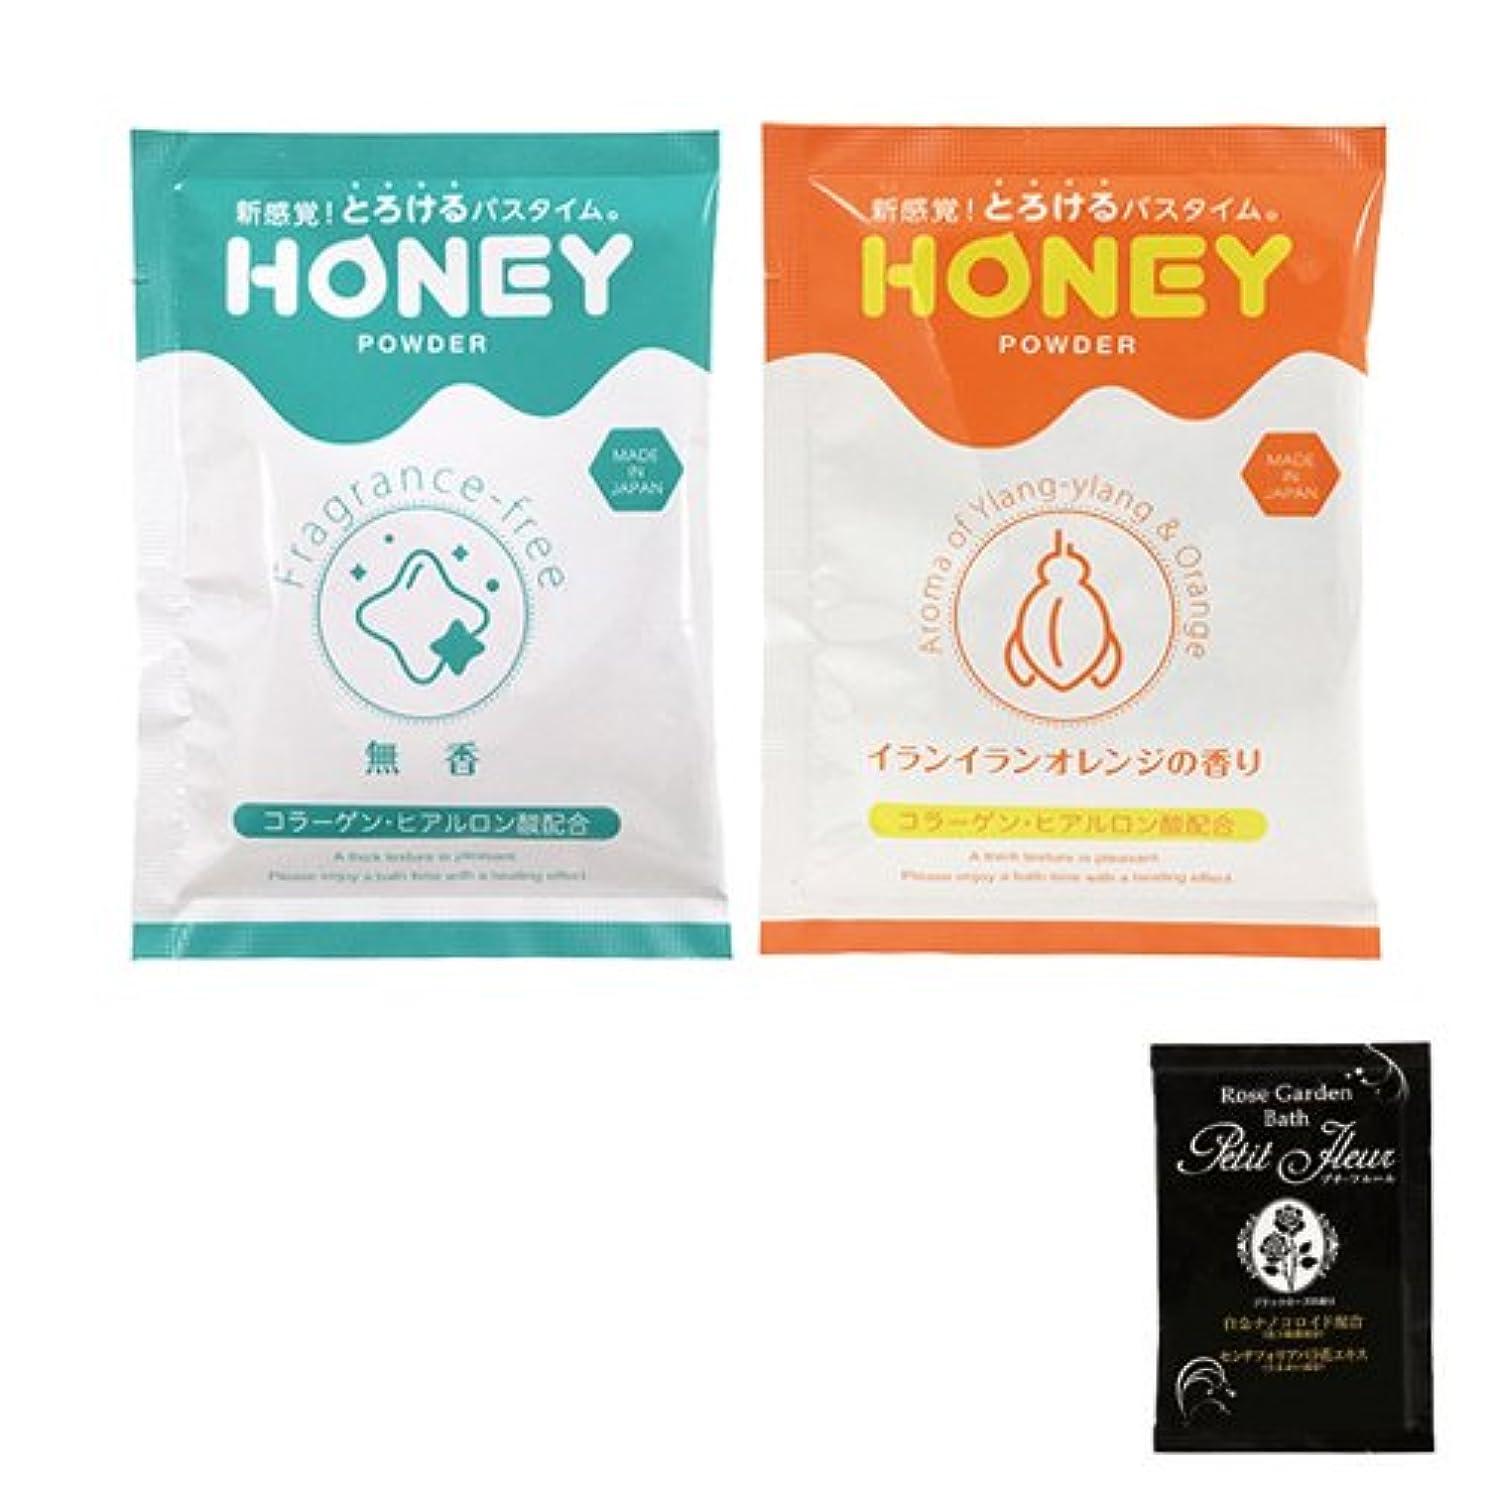 スリップ裏切り利点とろとろ入浴剤【honey powder】粉末タイプ イランイランオレンジの香り + 無香 + 入浴剤(プチフルール)1回分